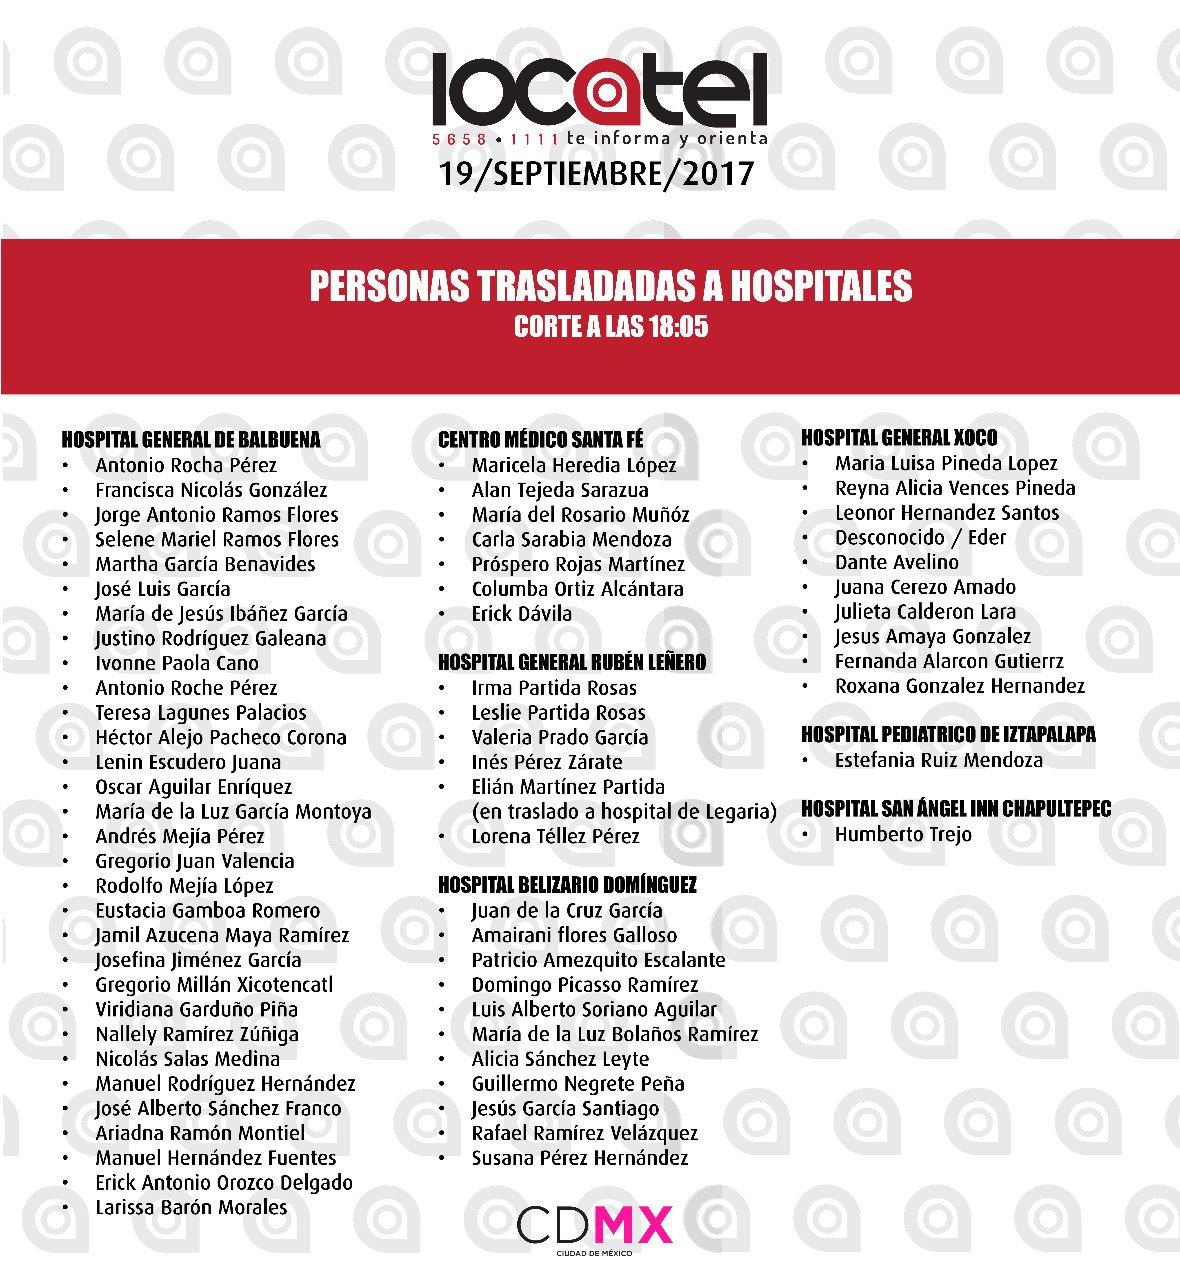 #AlMomento Lista preliminar de personas hospitalizadas tras el sismo en la #CDMX. https://t.co/q7pNcQabpo